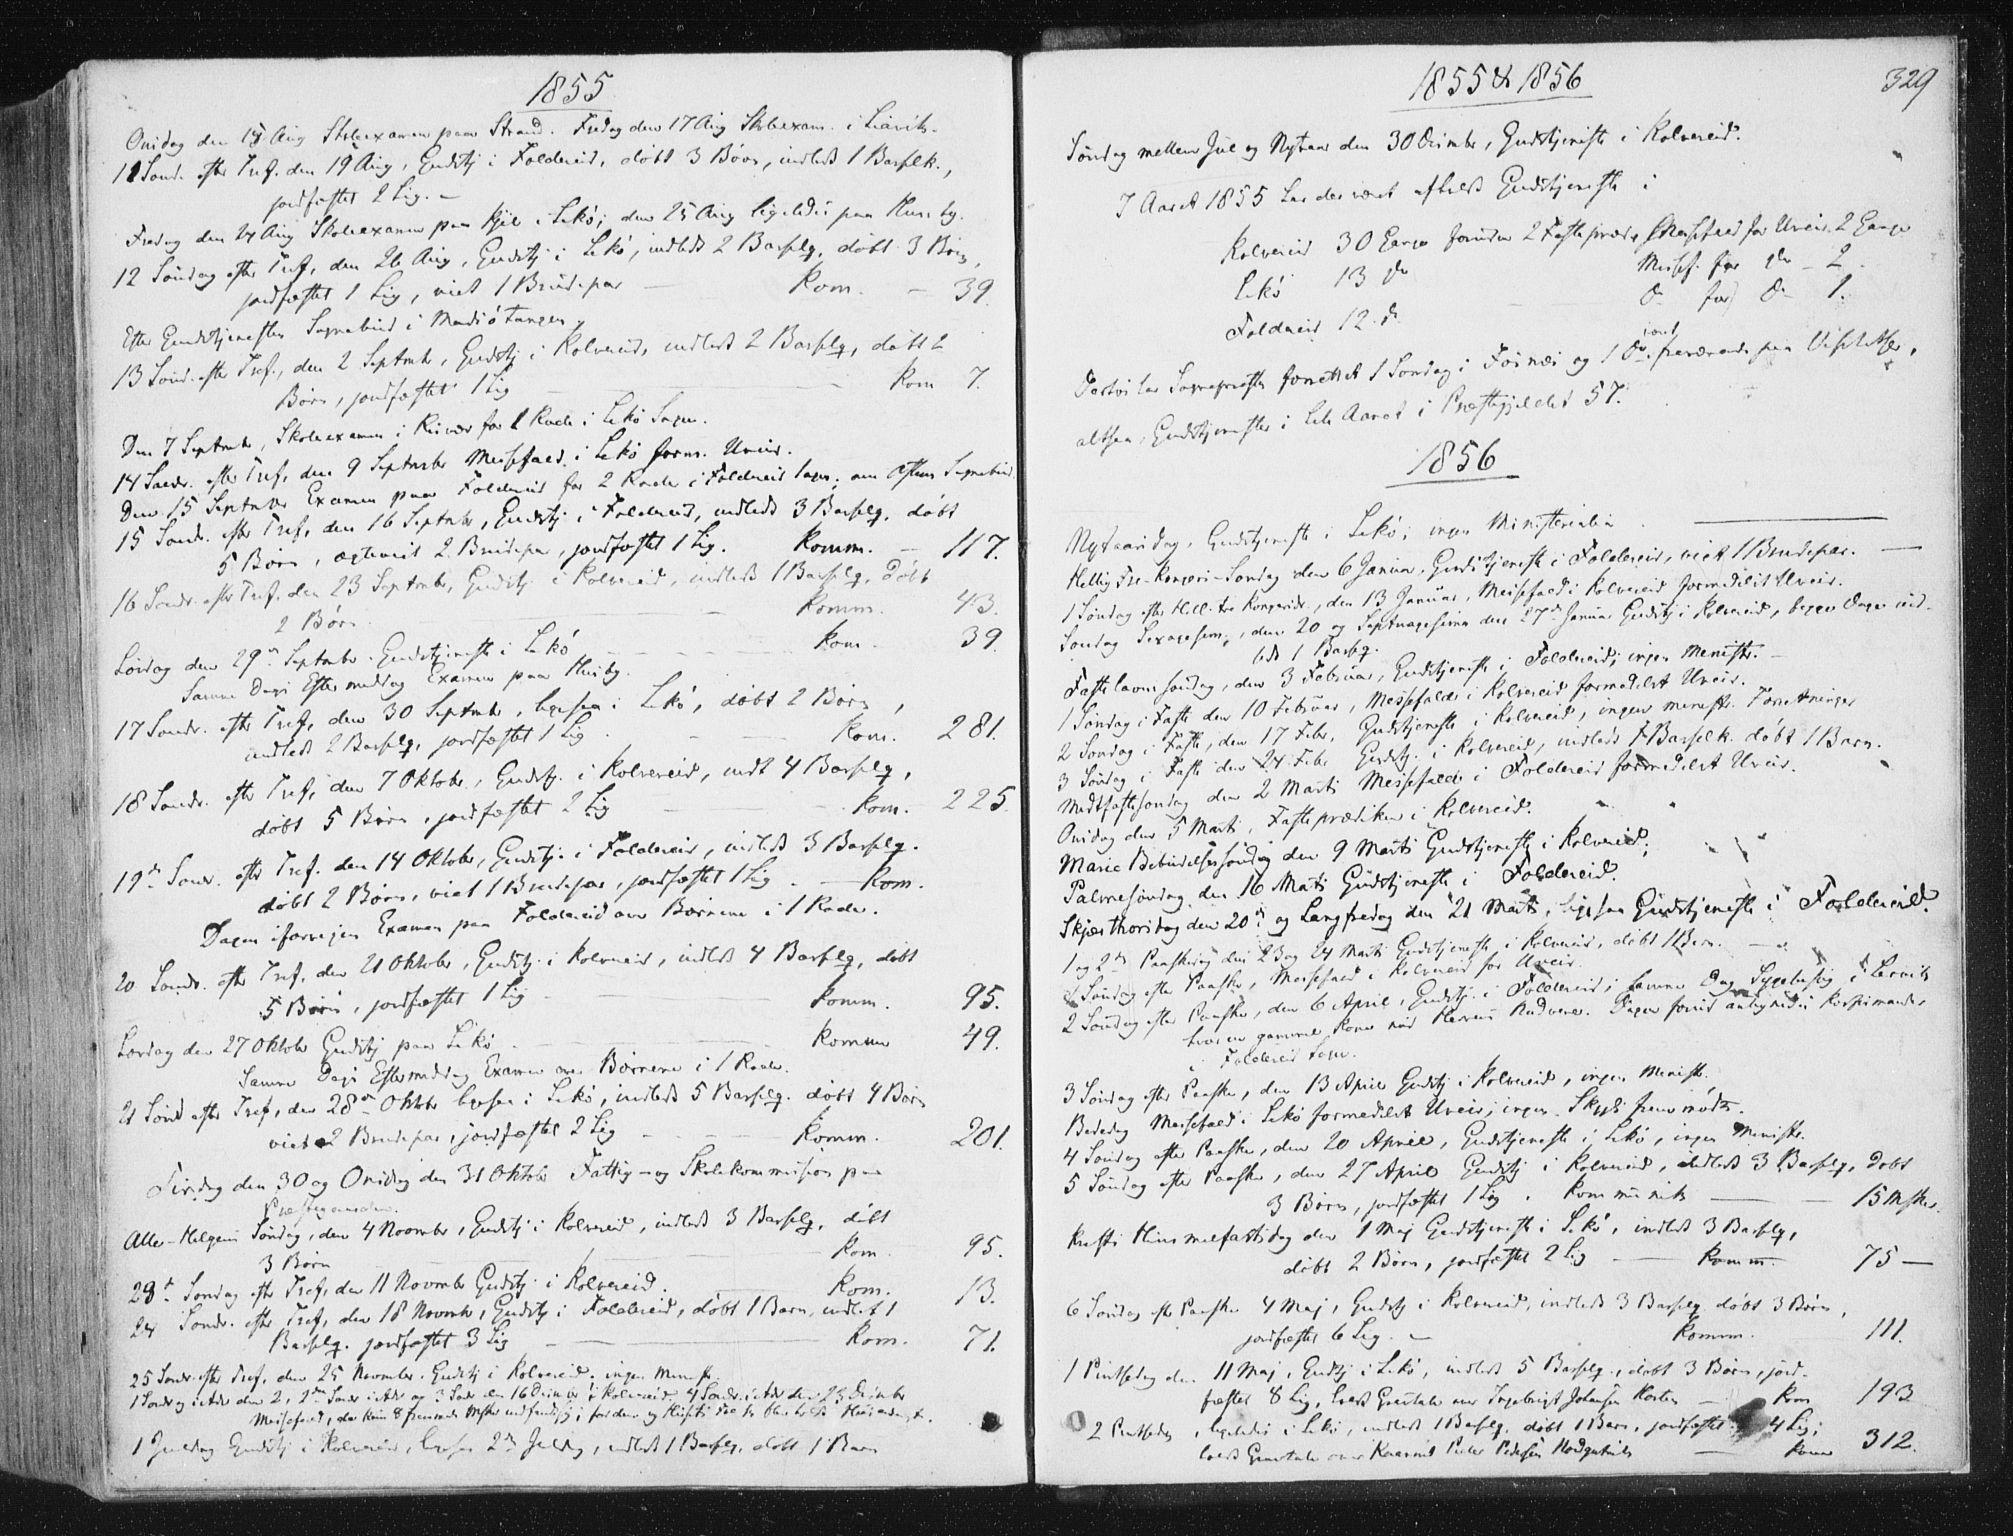 SAT, Ministerialprotokoller, klokkerbøker og fødselsregistre - Nord-Trøndelag, 780/L0640: Ministerialbok nr. 780A05, 1845-1856, s. 329